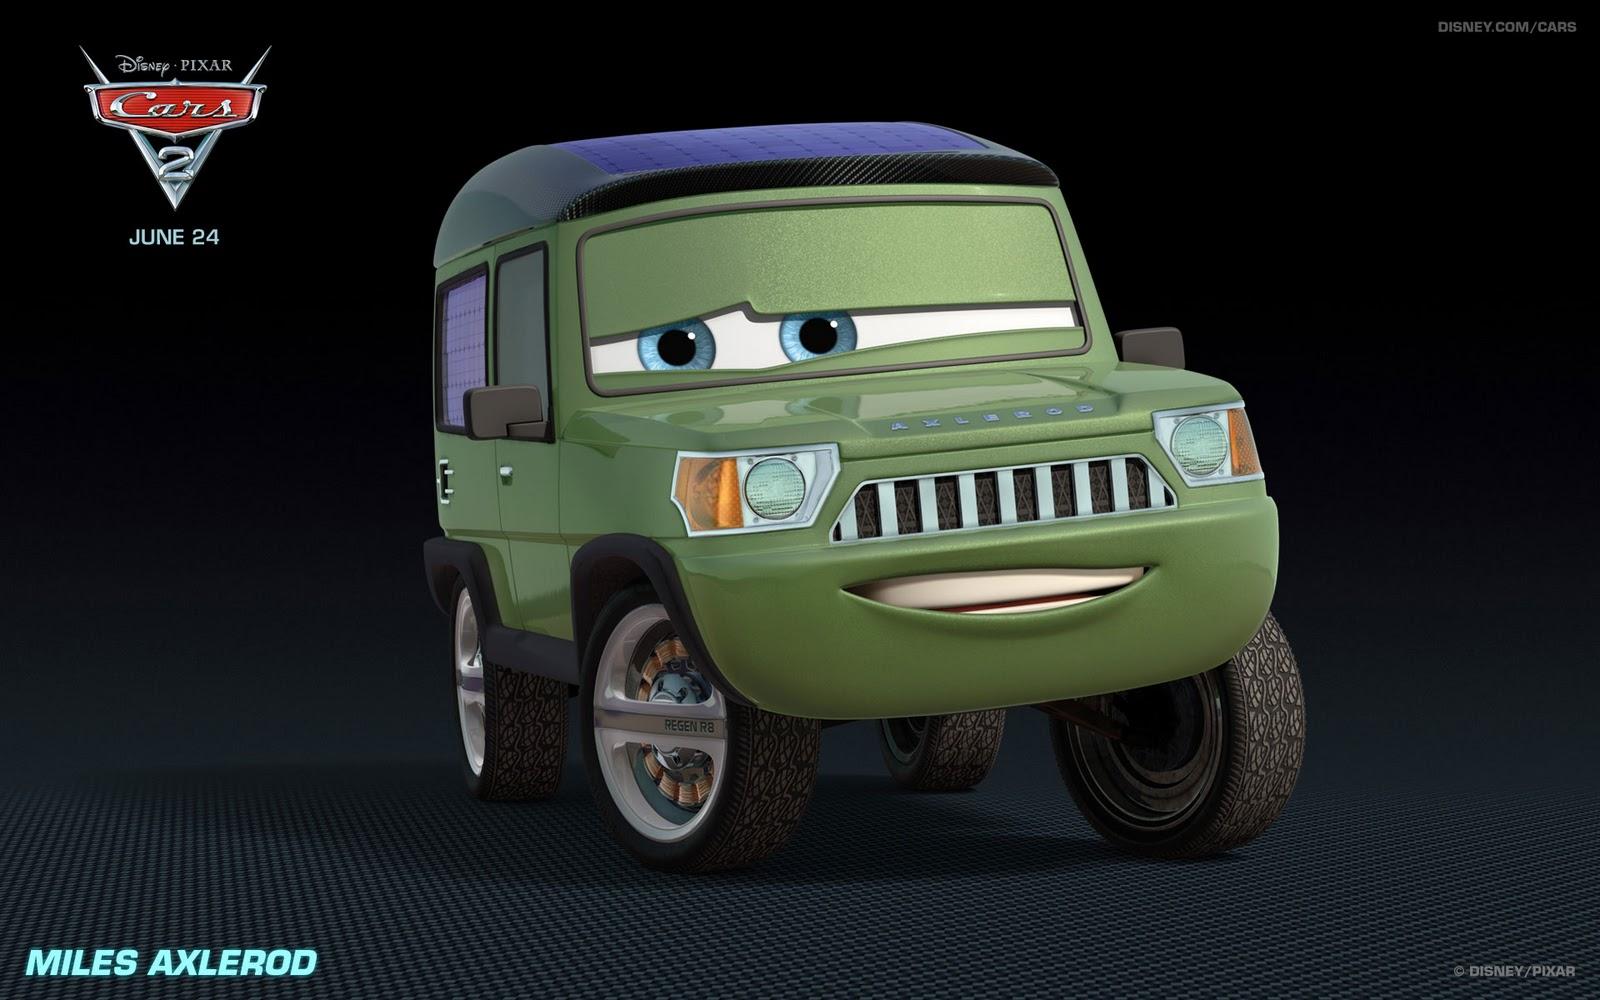 http://3.bp.blogspot.com/-MT39UugaSFU/TvbeocJuVPI/AAAAAAAACGI/_iL8iNw6ods/s1600/Cars-2-Wallpaper-20.jpg